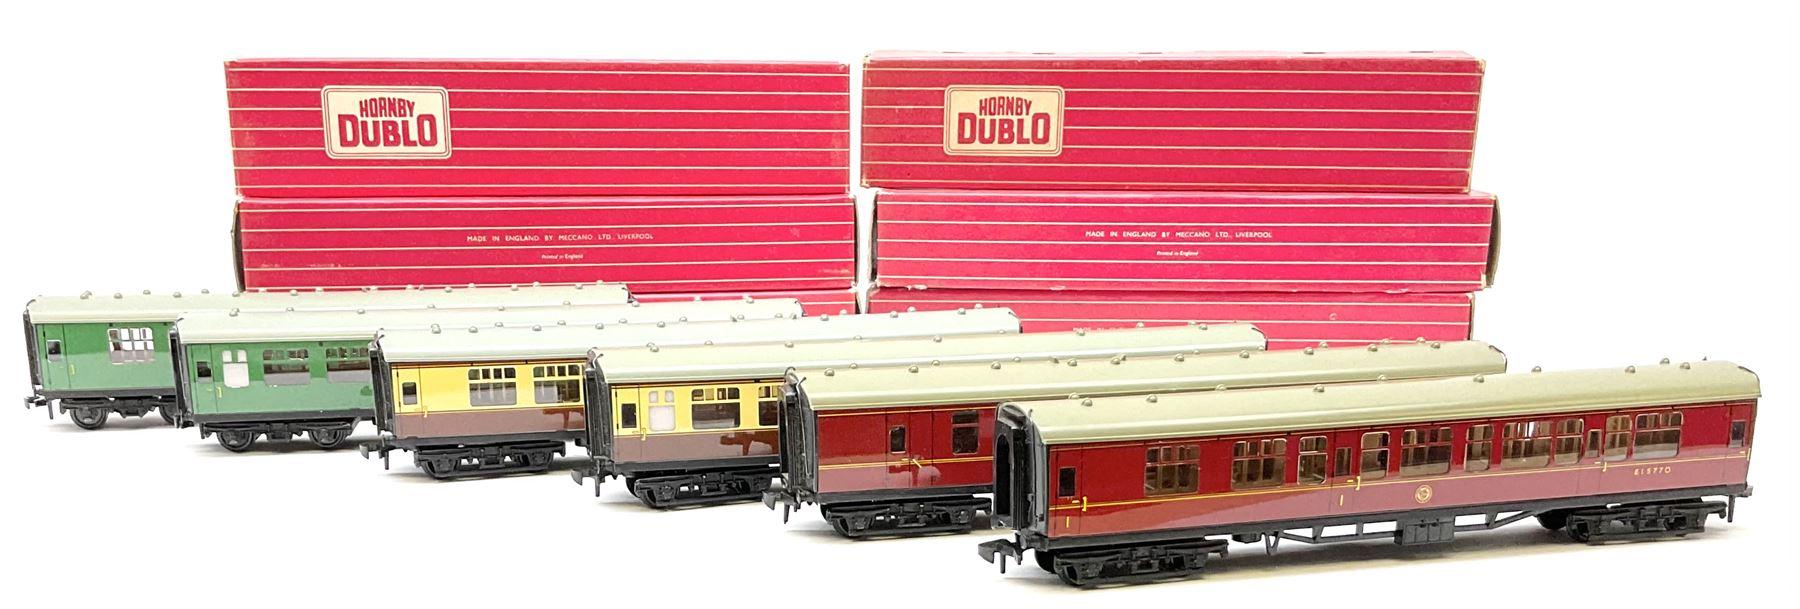 Hornby Dublo - six coaches comprising 4050 Corridor Coach 1st/2nd W.R.; 4051 Corridor Coach Brake/2n